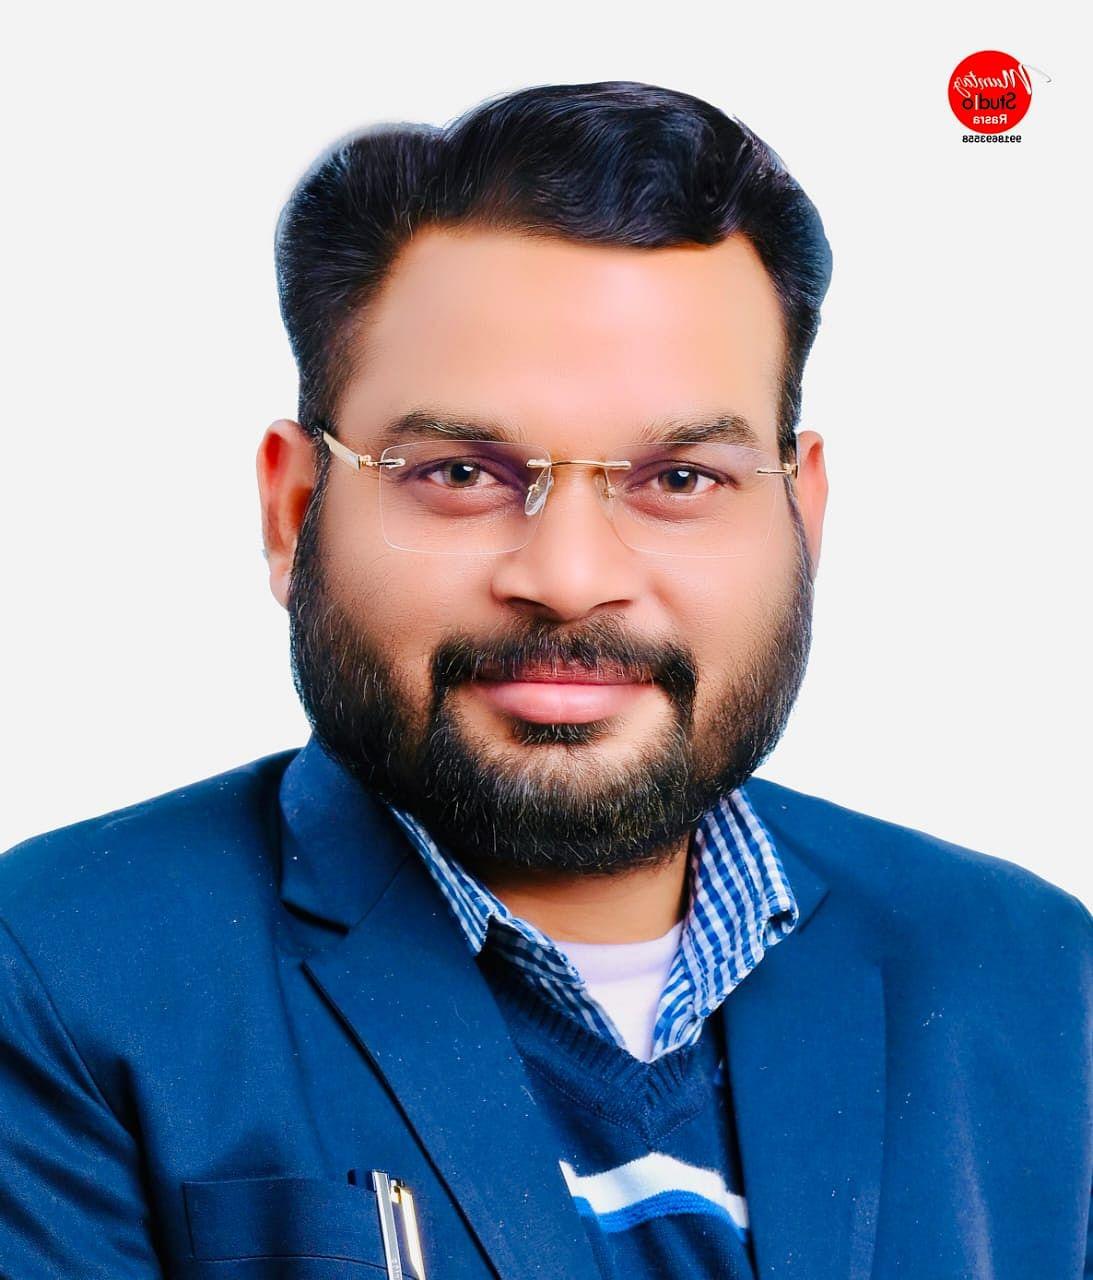 बसपा सुप्रीमो मायावती ने डा. मदन राम को बनाया आजमगढ़ का प्रभारी